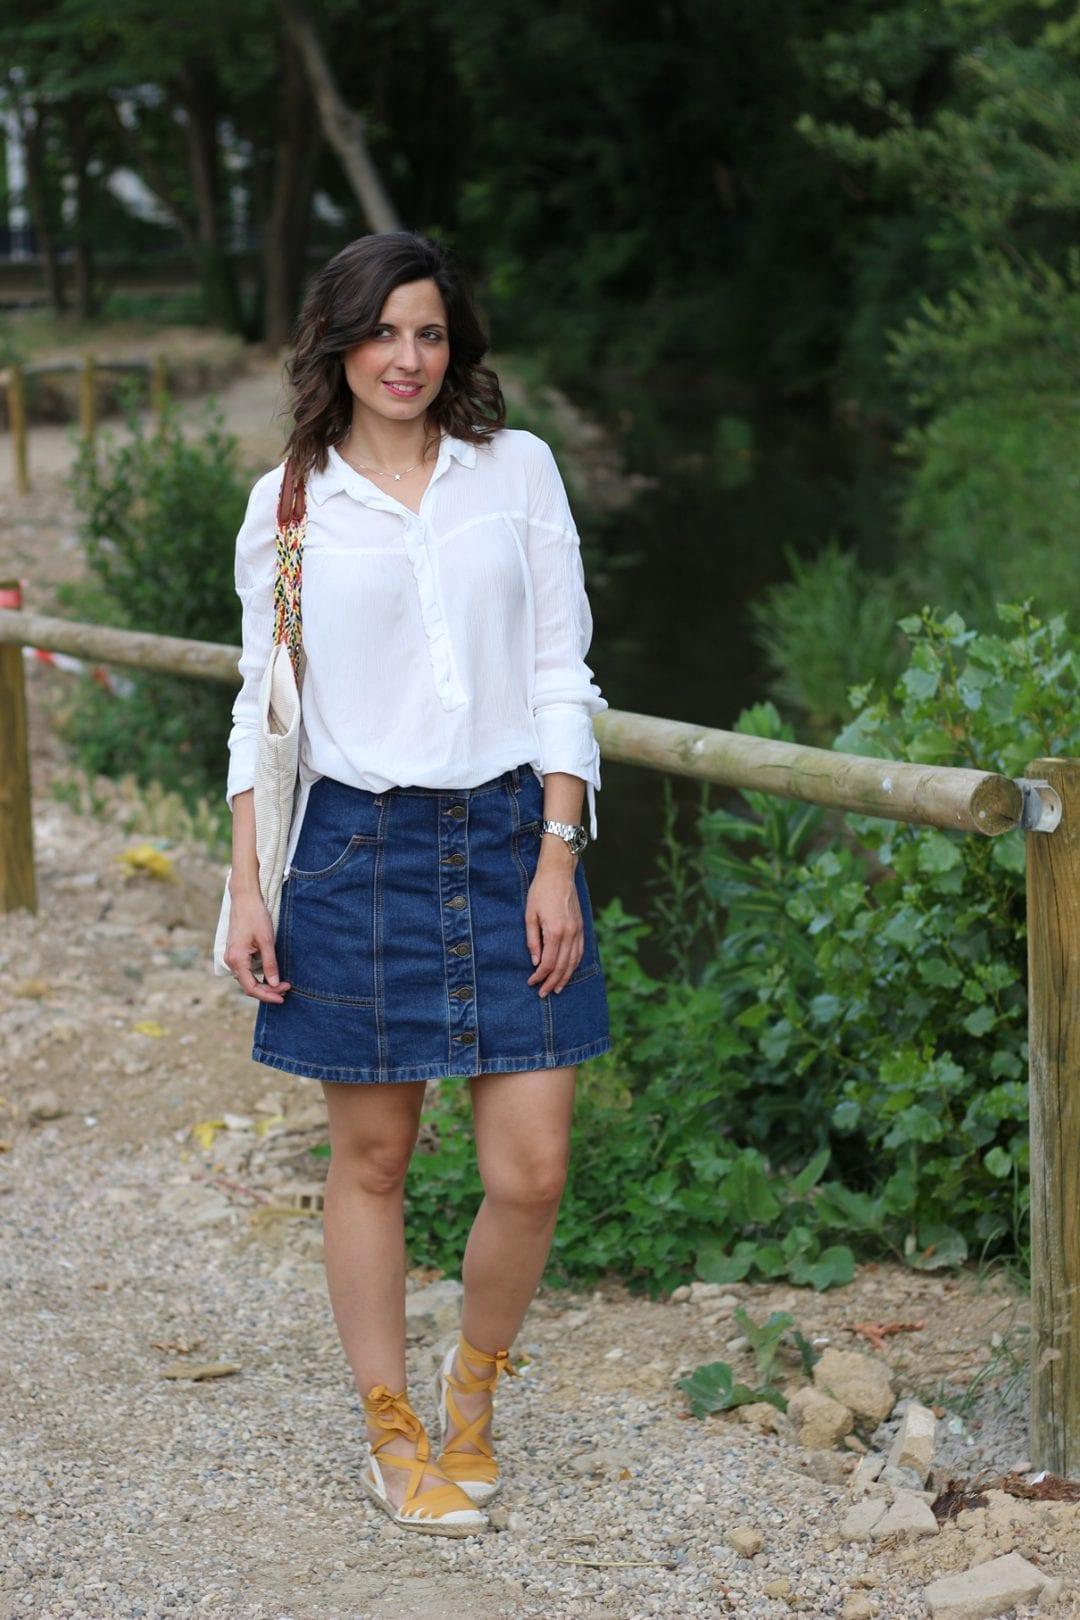 fashion blogger española con falda vaquera cintura alta y espardeñas - esparteñas- alpargatas lace up o espadrilles (8)